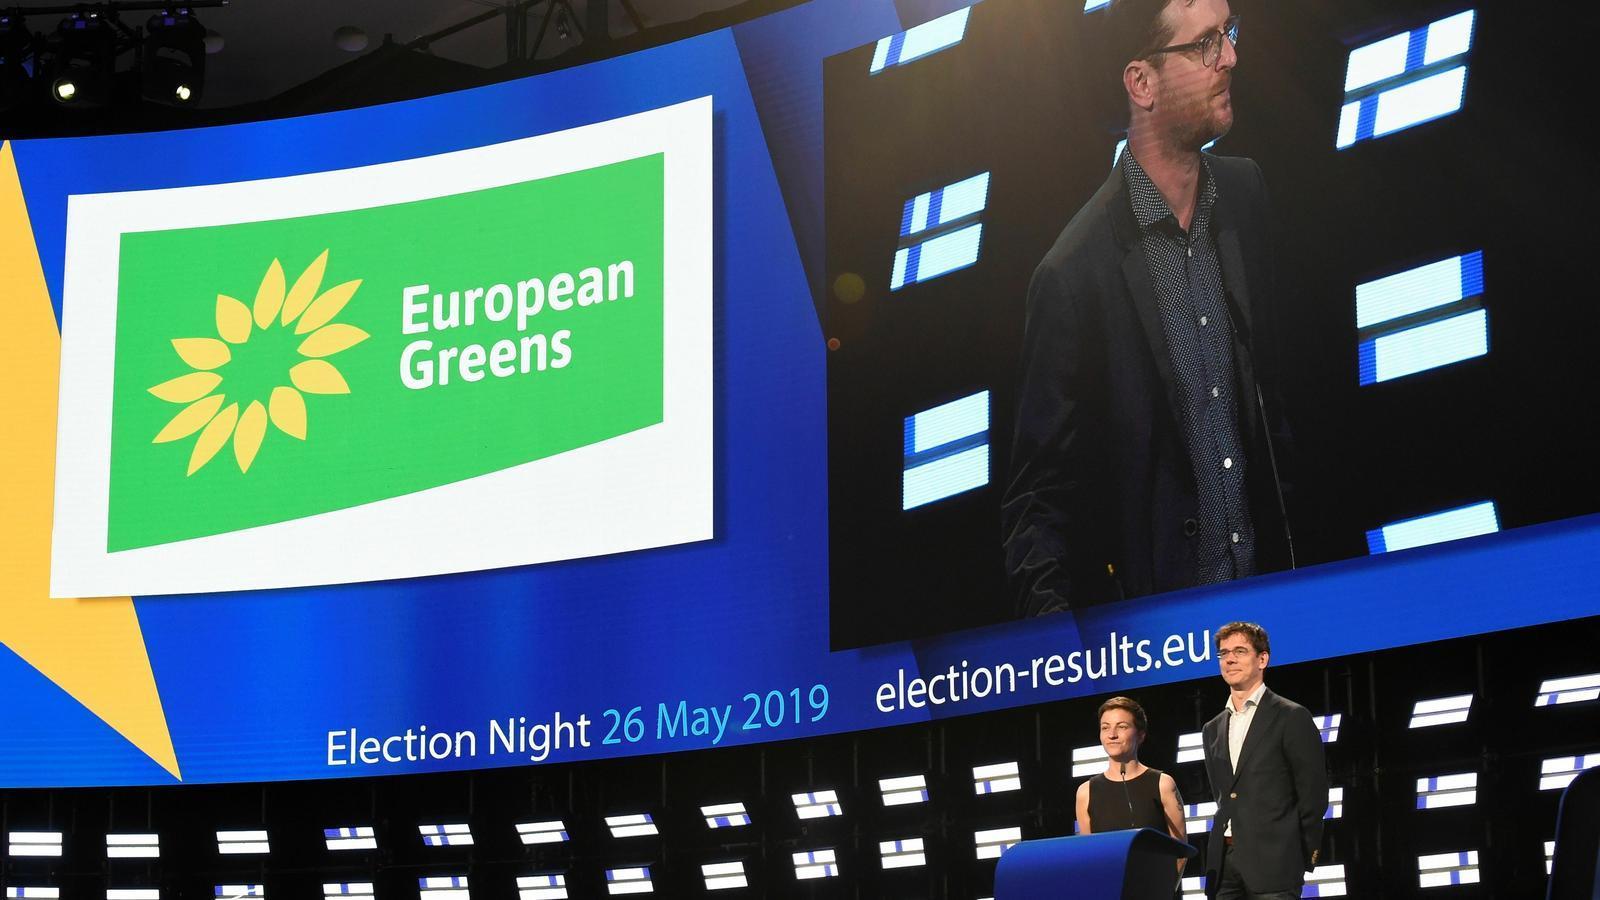 Els verds, la nova esperança de l'esquerra europea